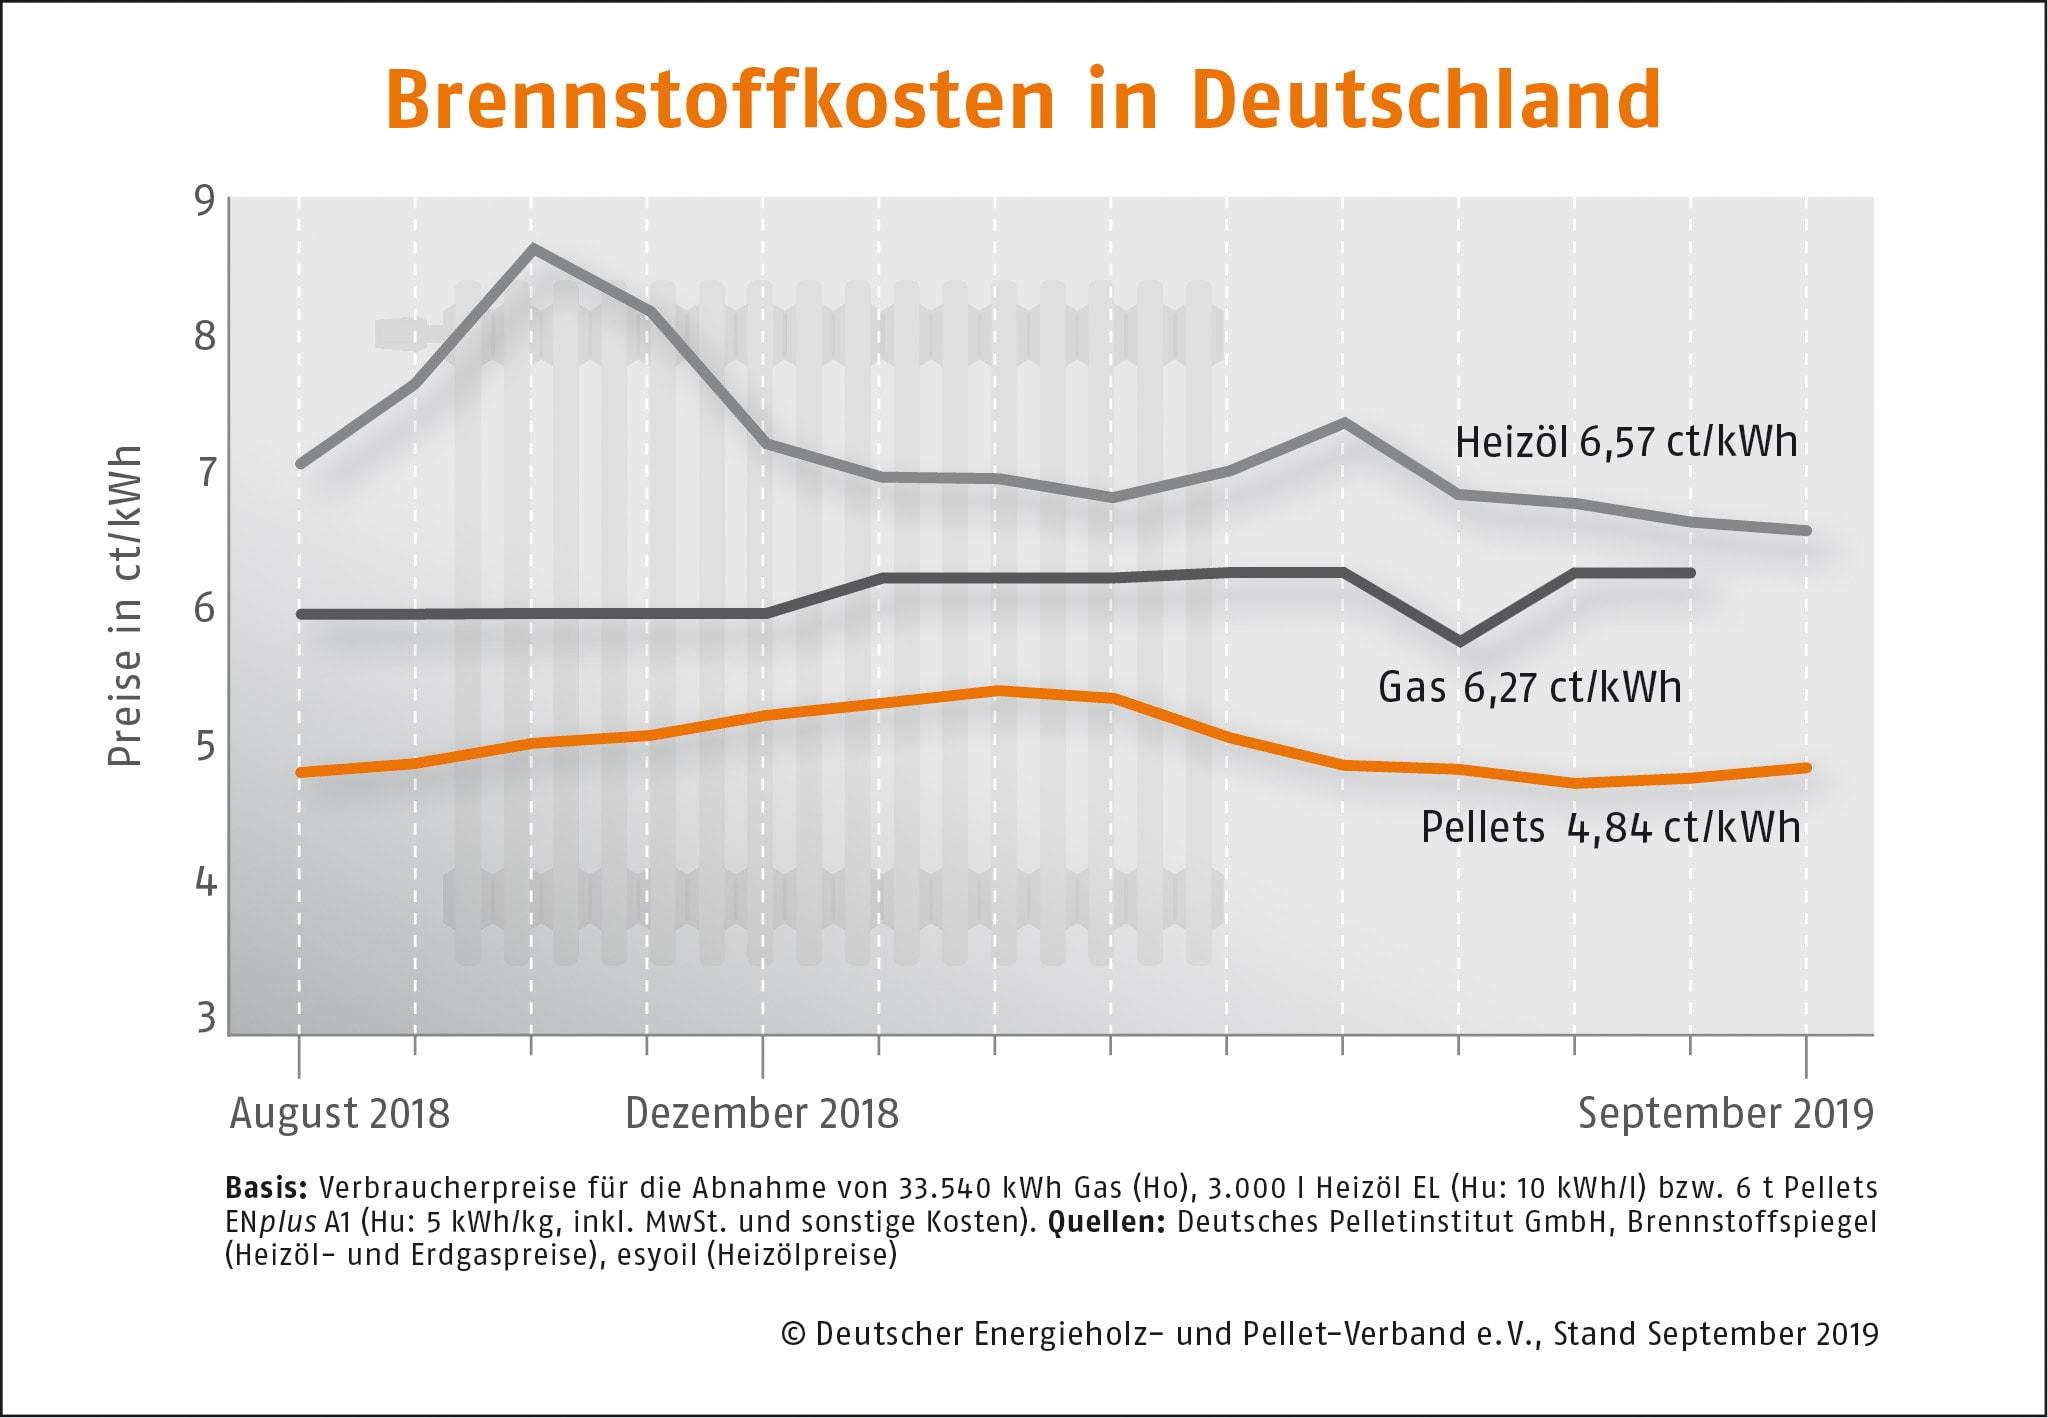 Brennstoffkostenvergleich September 2019